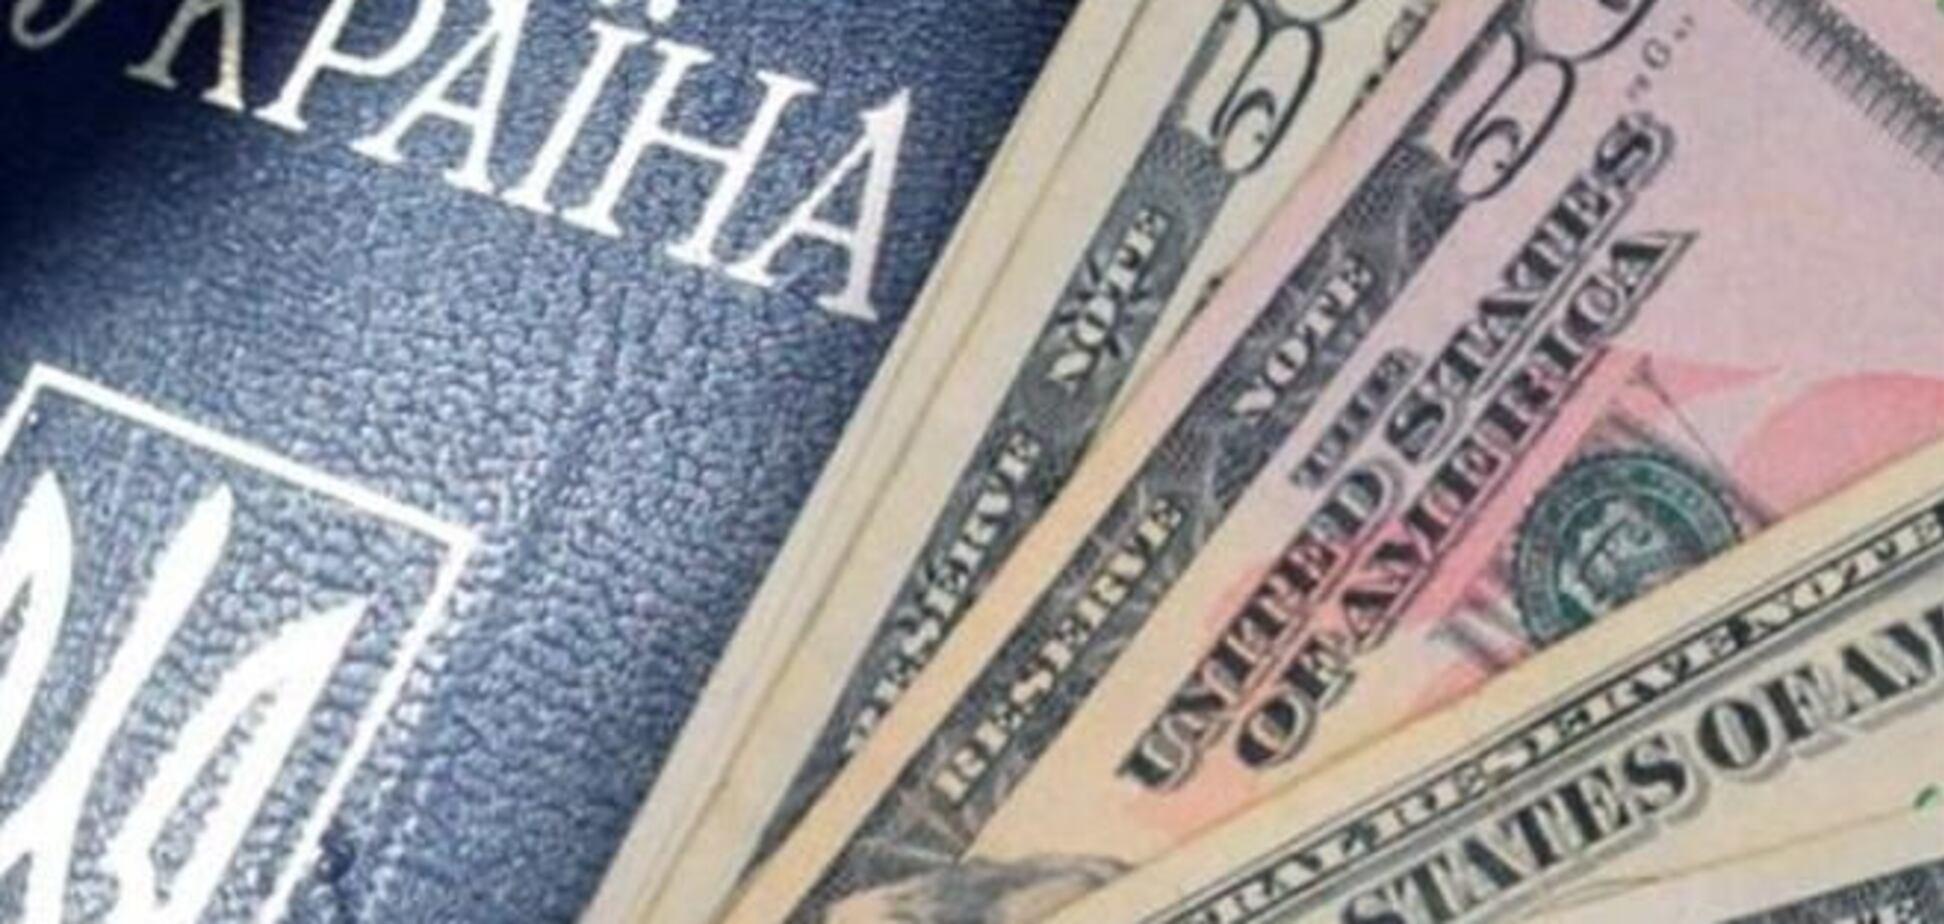 НБУ может разрешить украинцам покупать валюту без паспортов